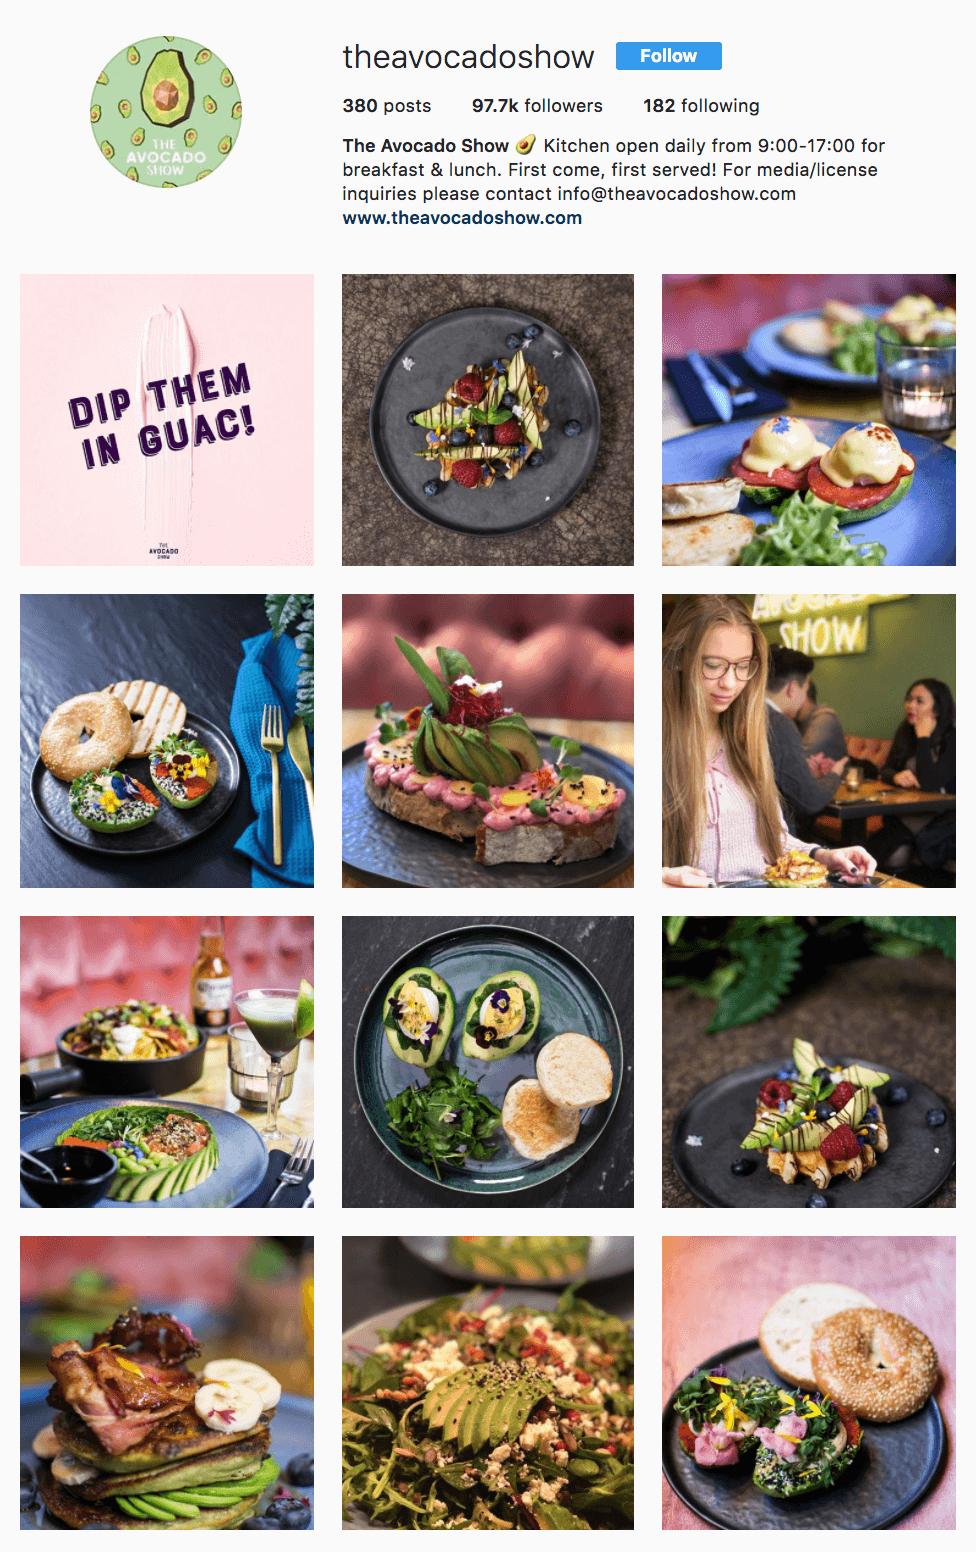 מסעדת האבוקדו באמסטרדם - מסעדות קונספט מגניבות בעולם